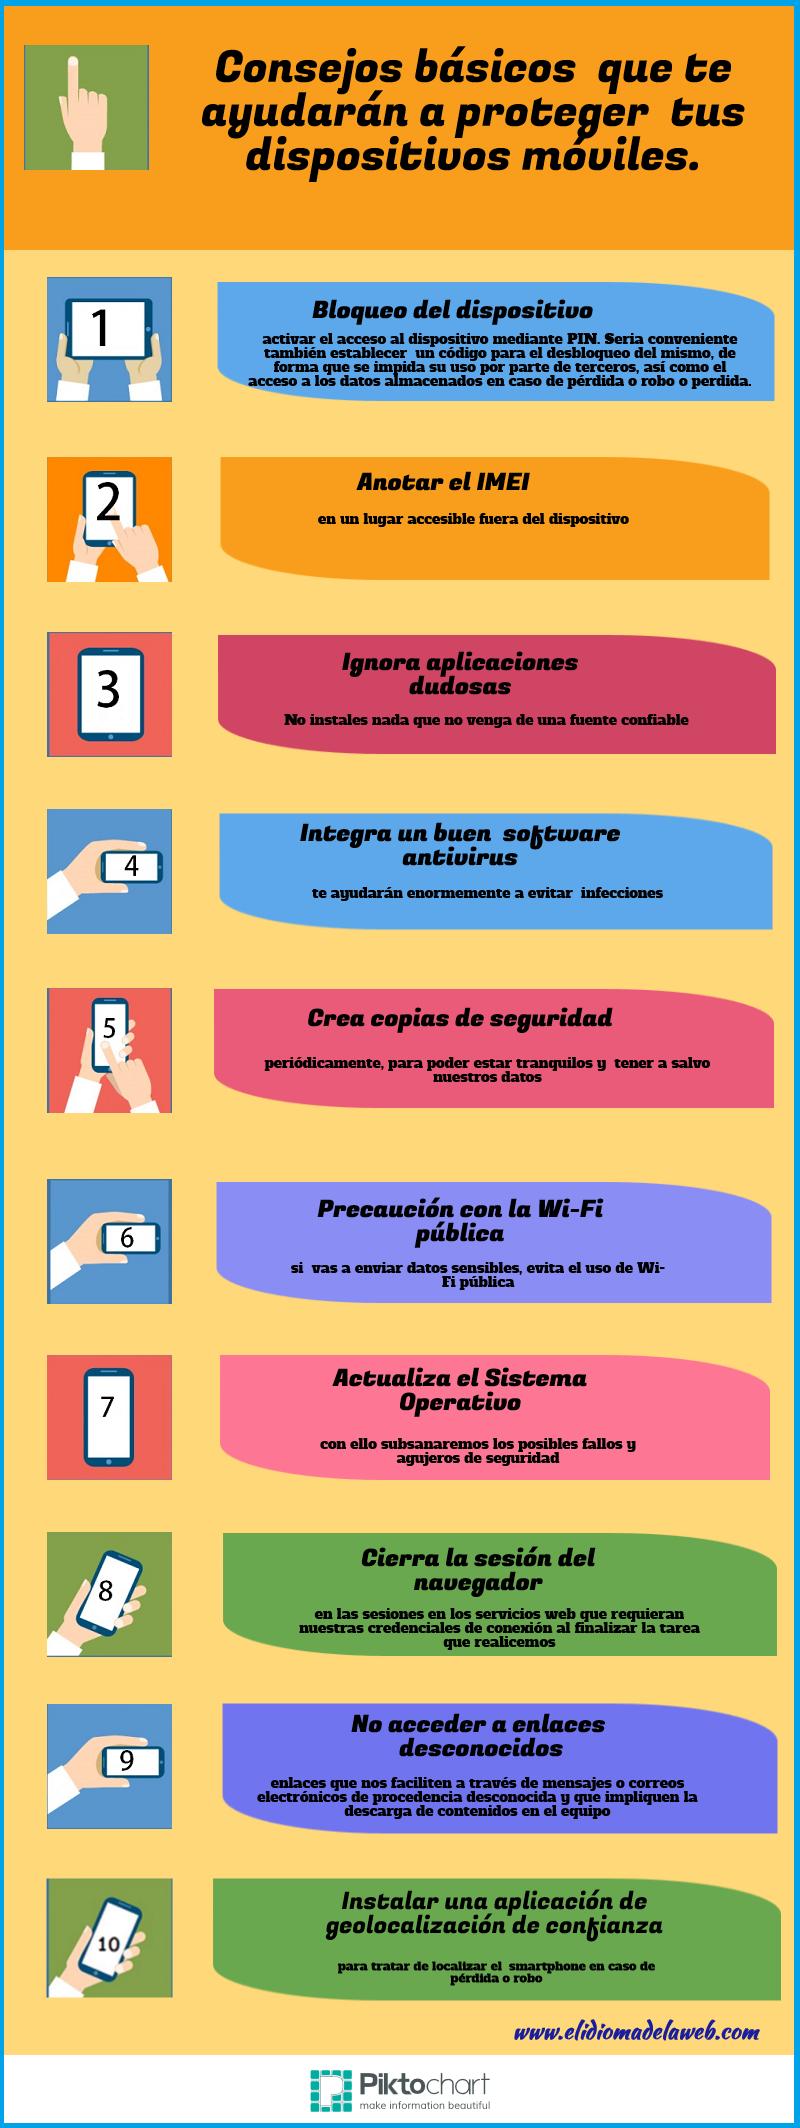 10 consejos para proteger tus dispositivos móviles